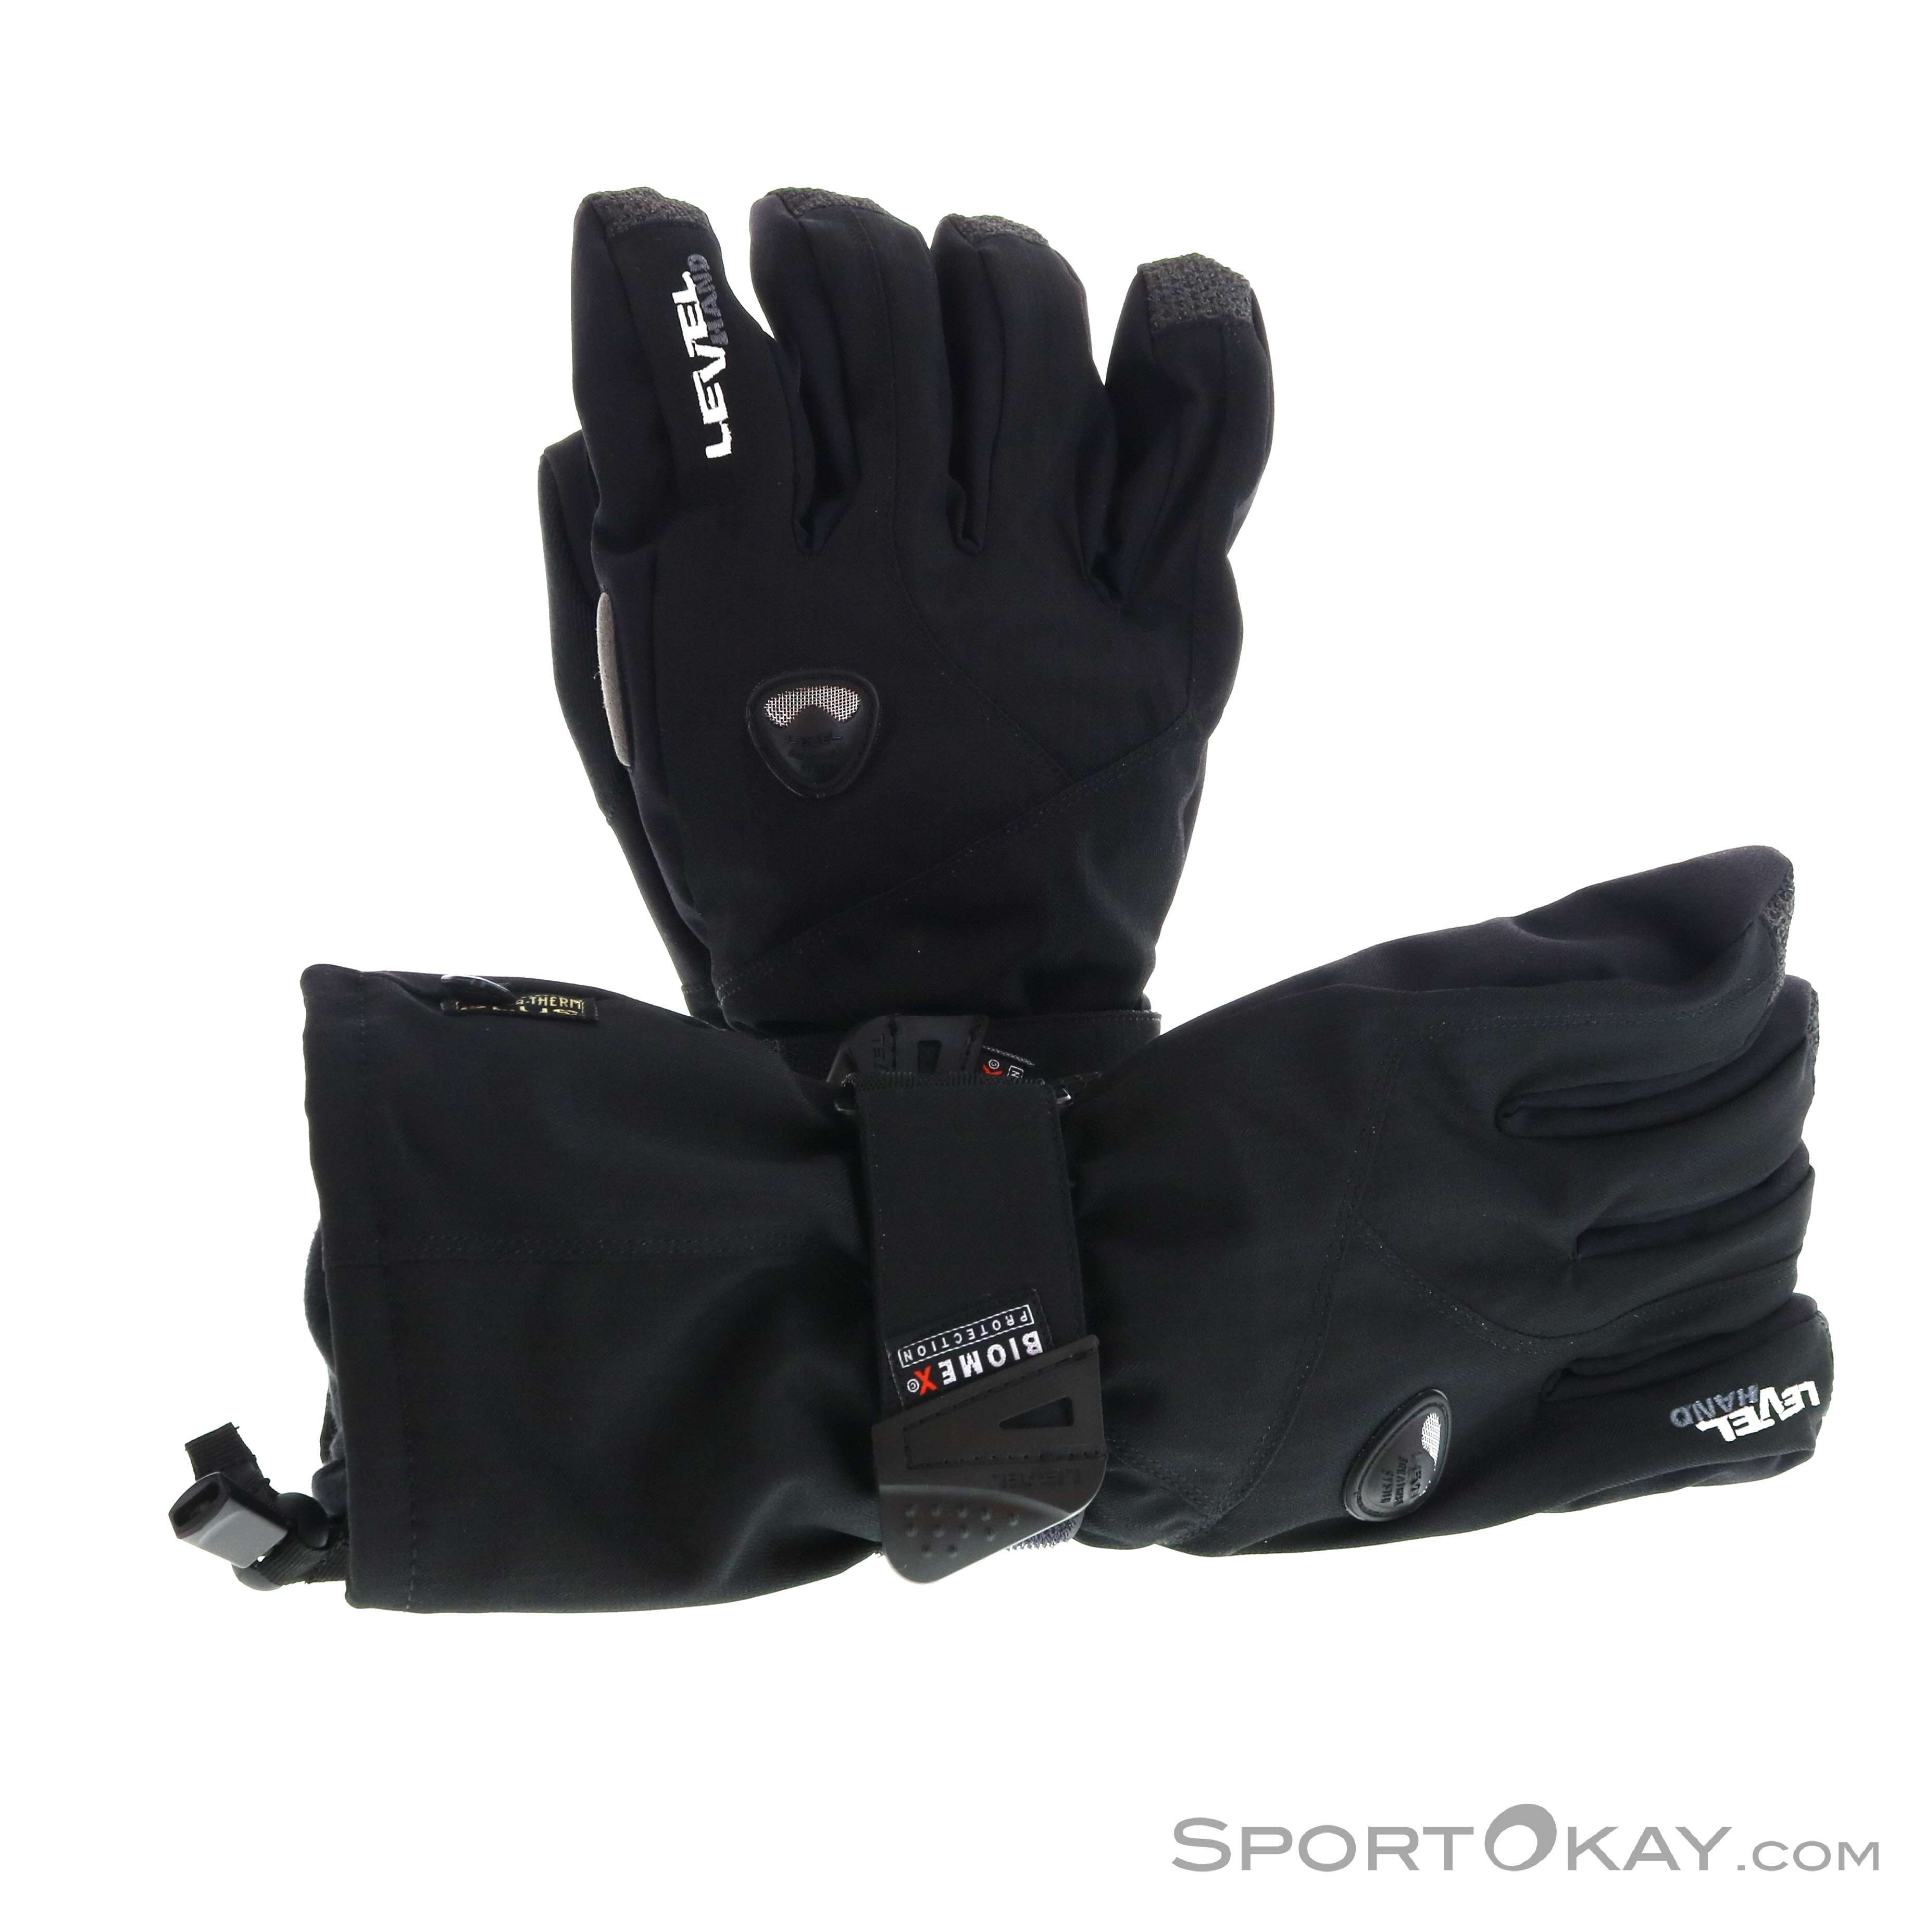 Level Fly Glove Handschuhe-Schwarz-10